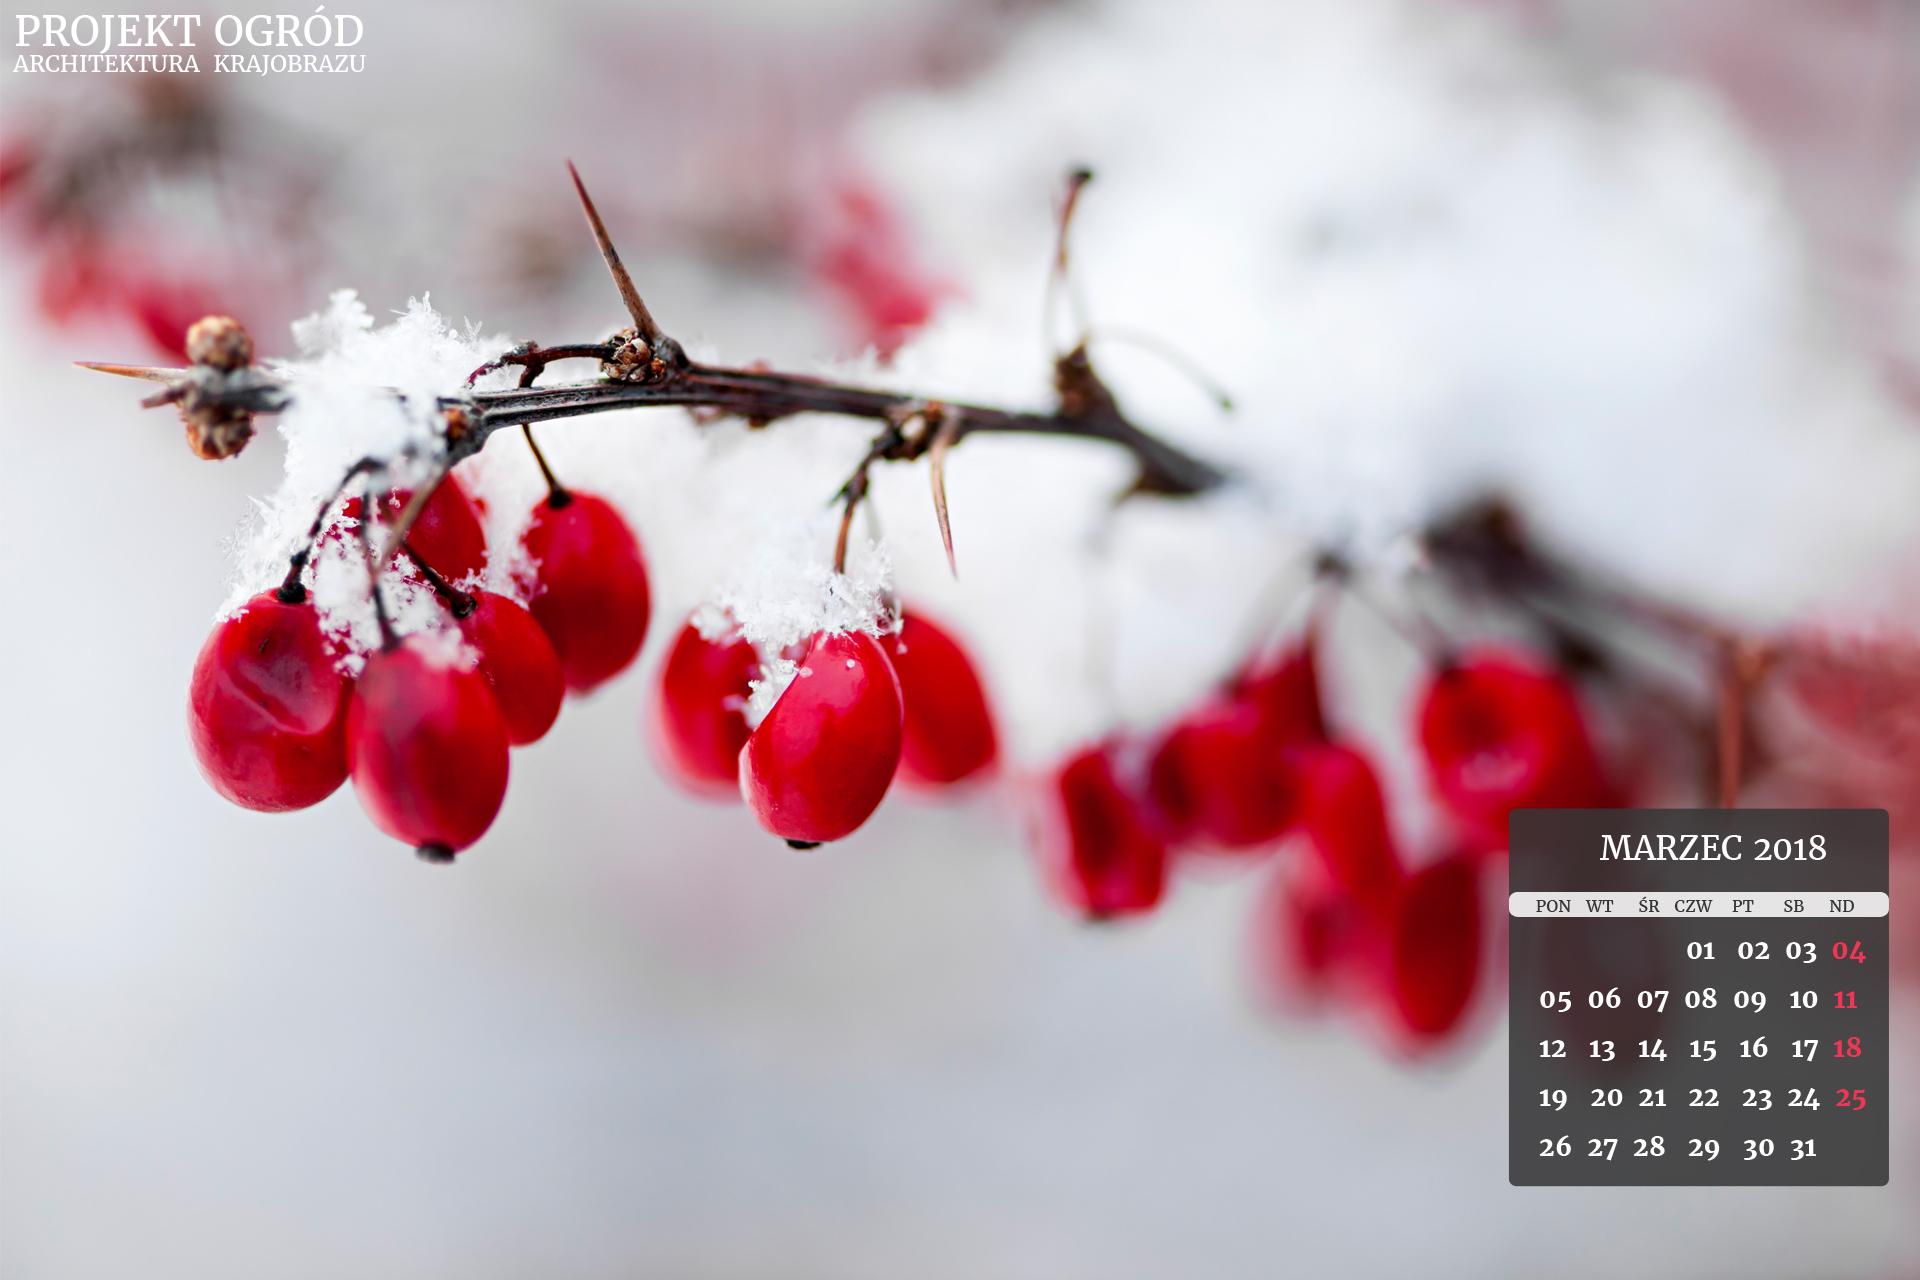 kalendarz-b-marzec-2018-1920x1280